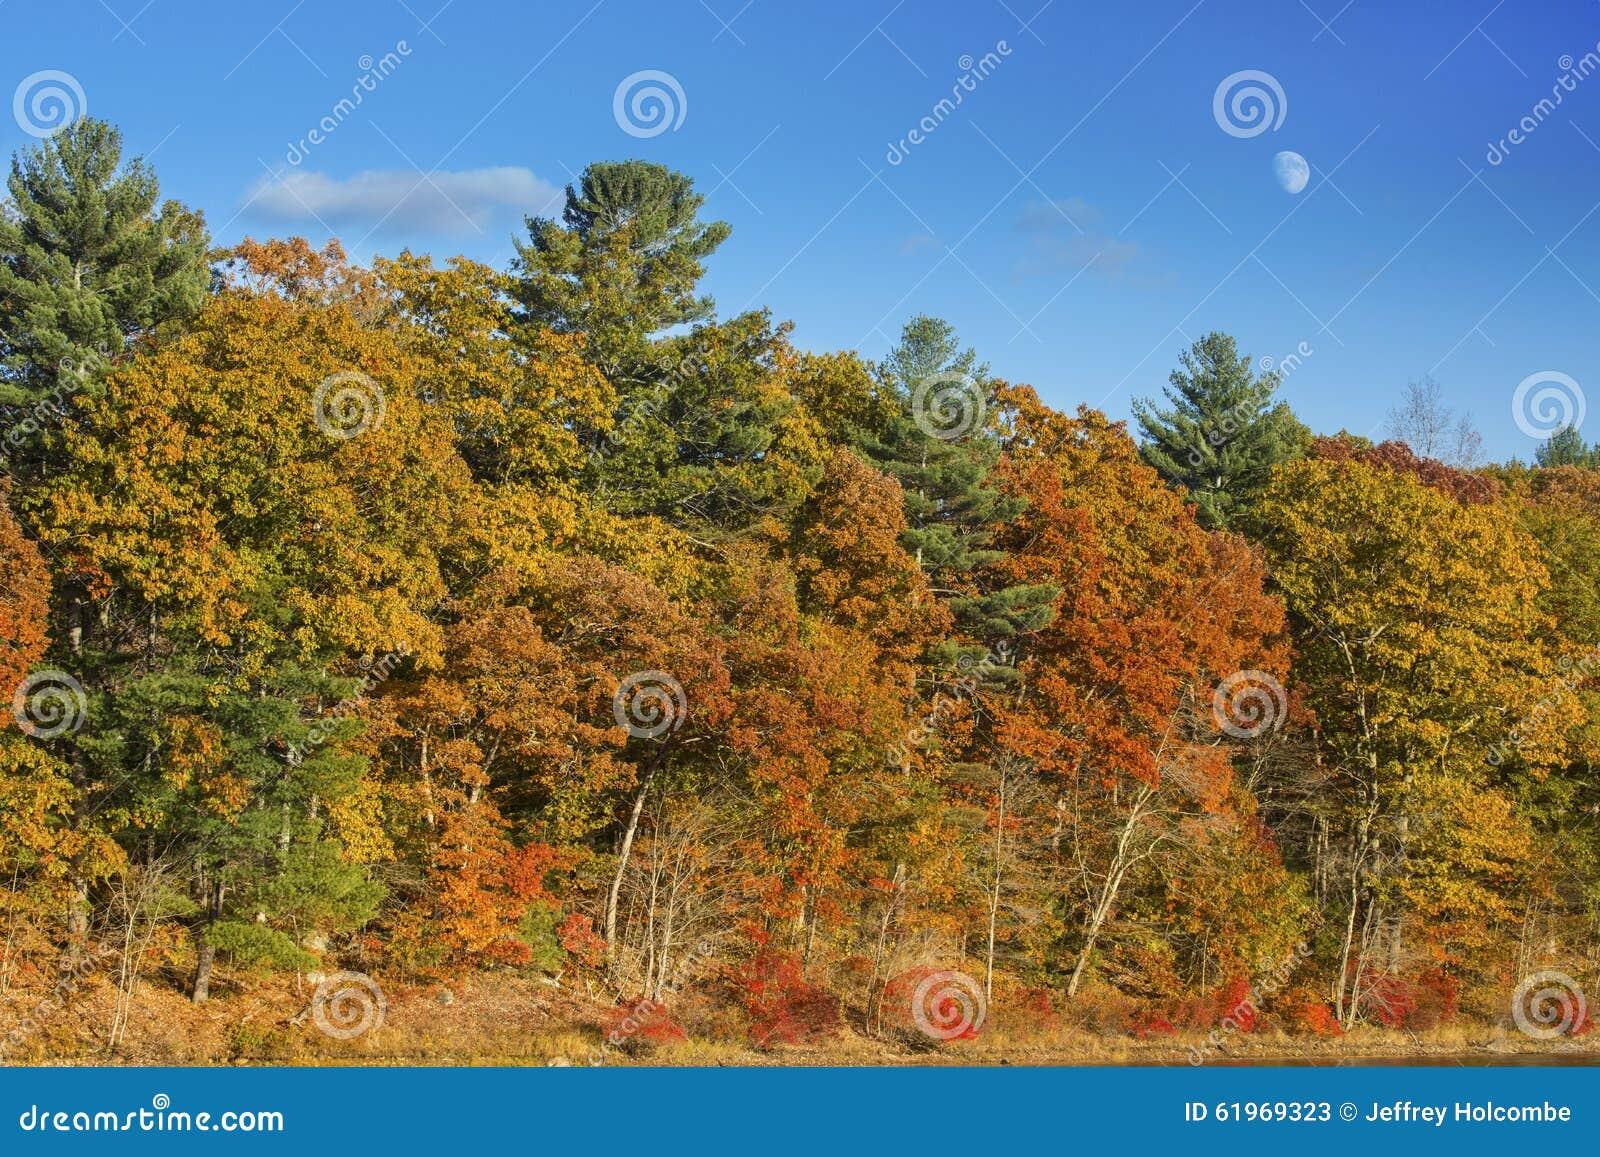 Bunter Herbstlaub mit Moonrise in einem blauen Himmel, Connecticut